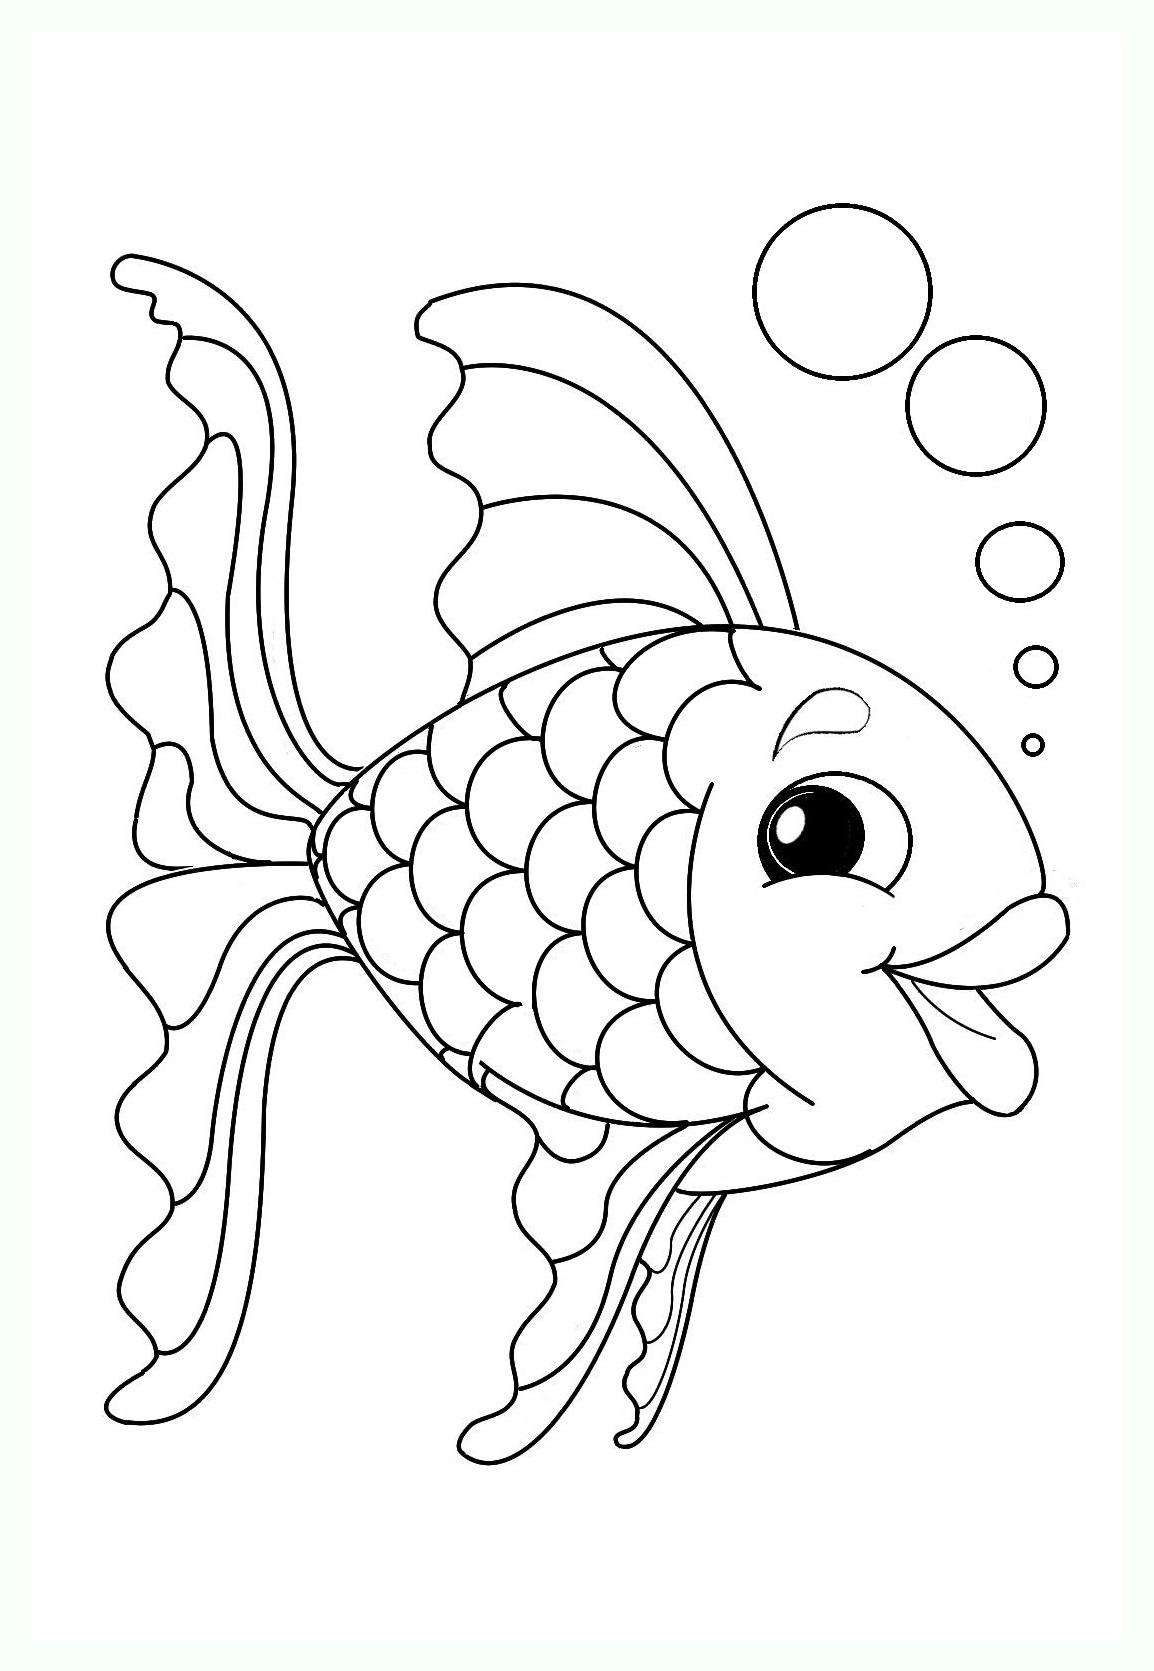 Coloriage de Poissons - Coloriages pour enfants ...